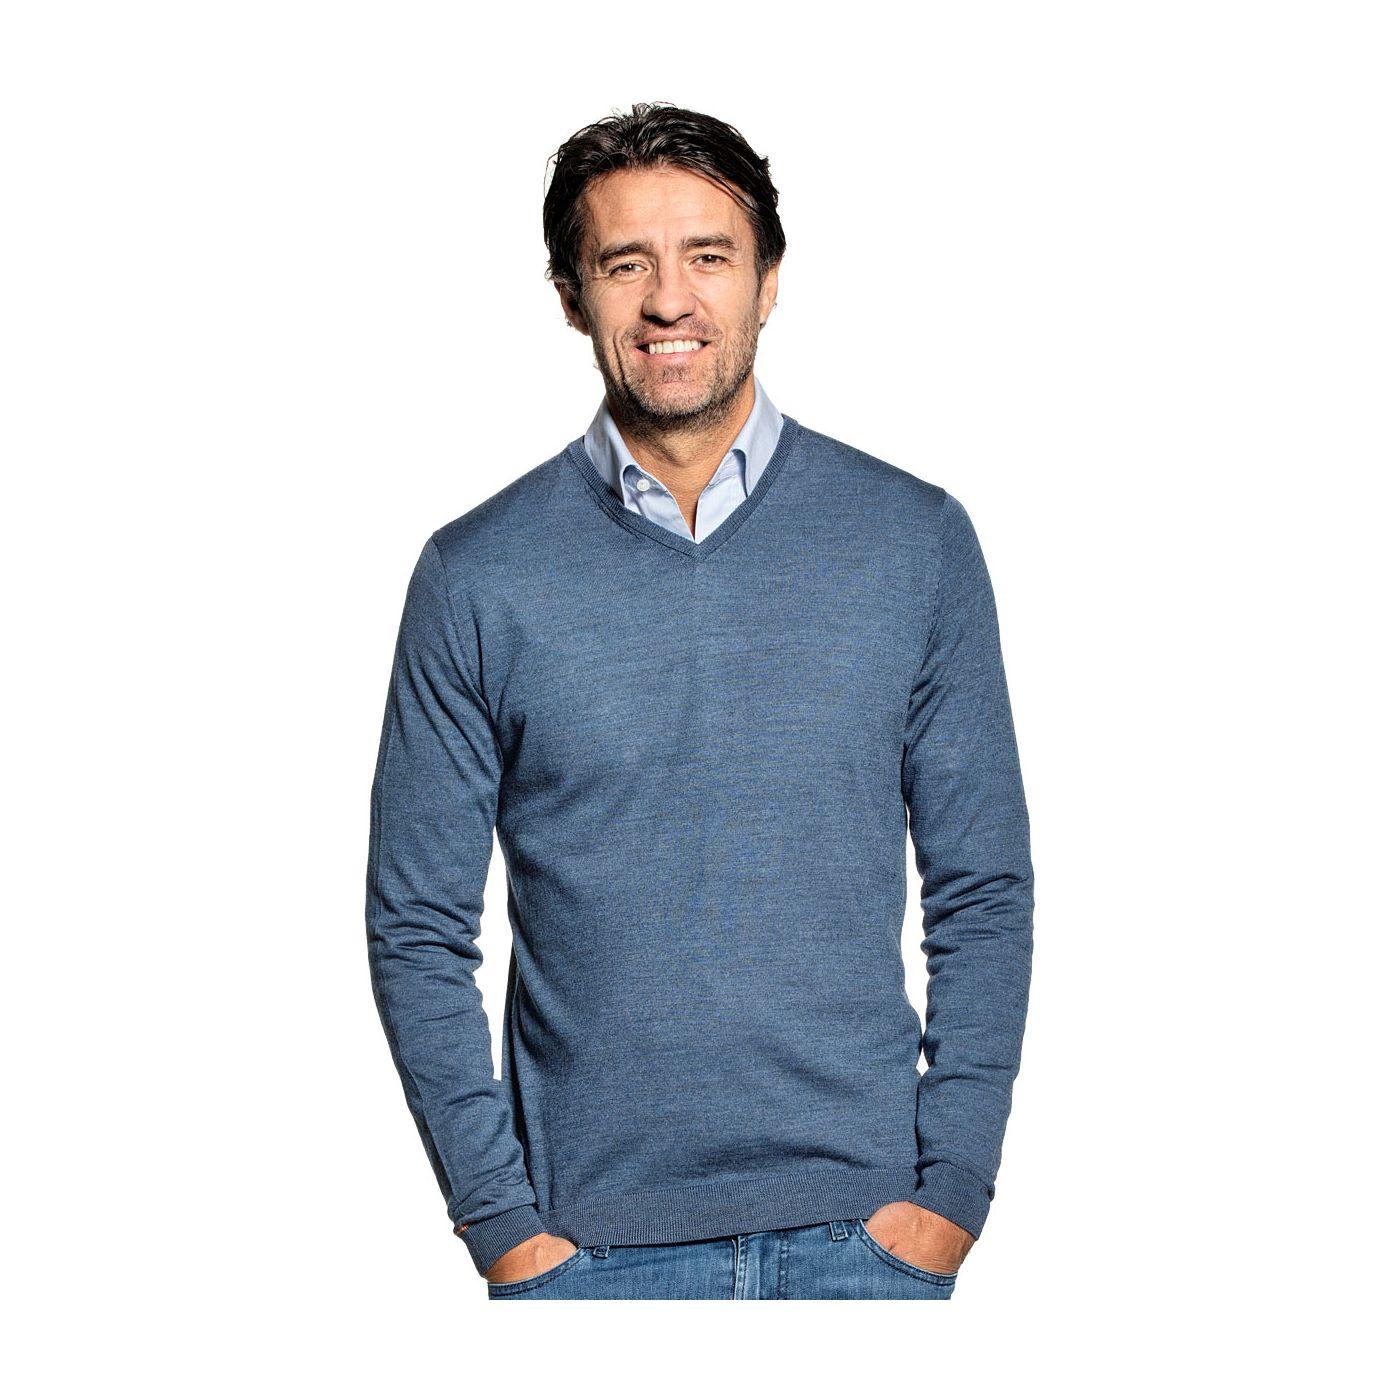 V-Neck sweater for men made of Merino wool in Blue